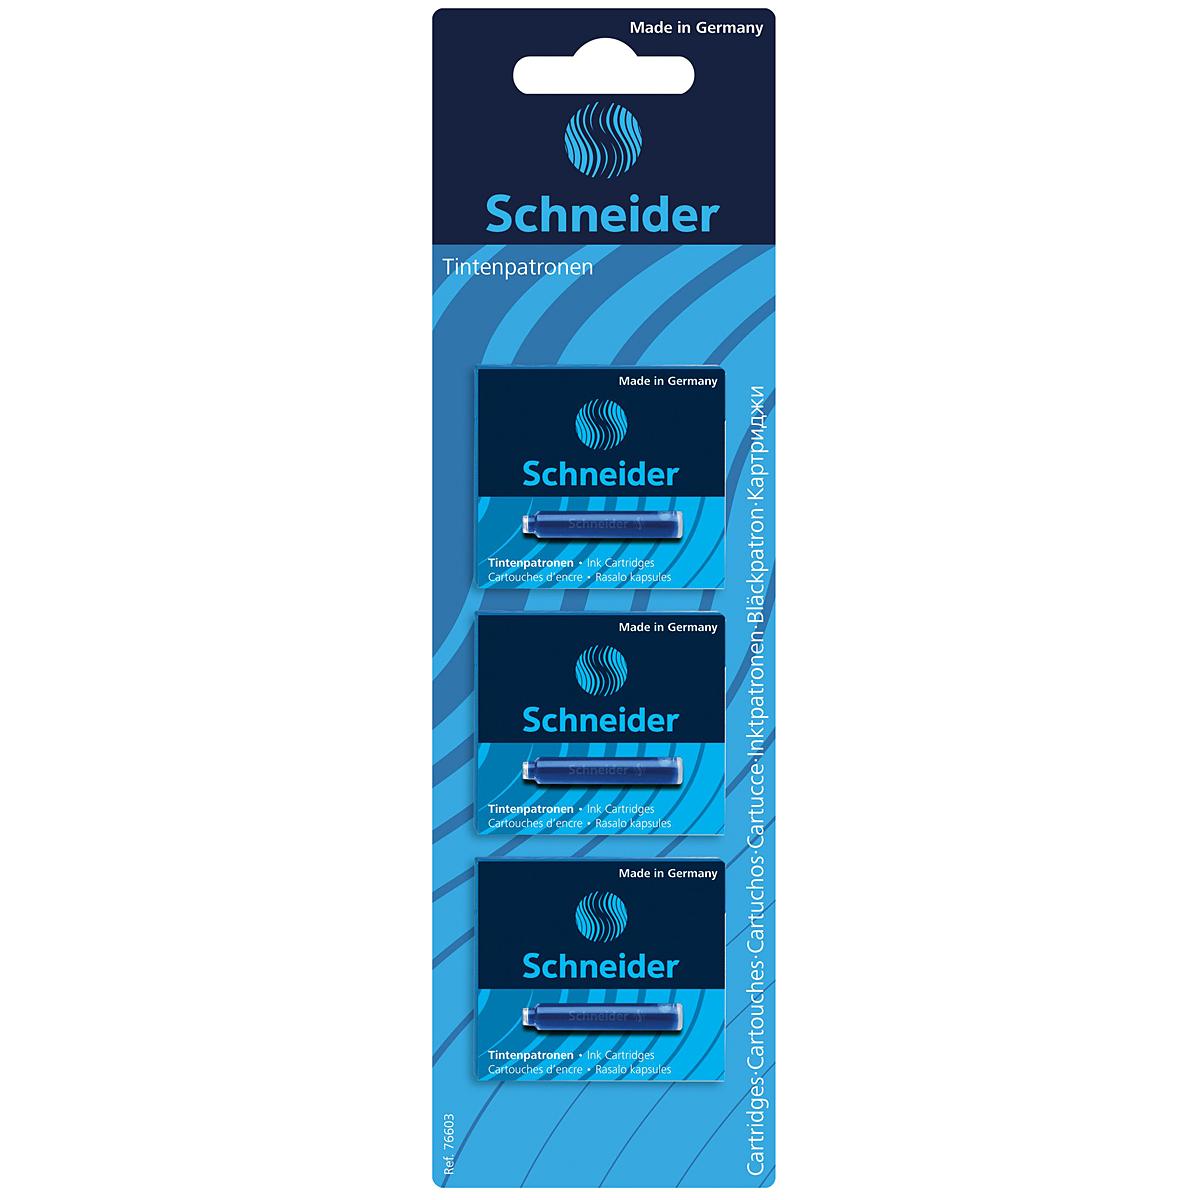 Набор картриджей с чернилами синего цвета (18 шт.) в блистере.72523WDКартриджи с чернилами в стандартном размере подходят для ручек Schneider, а также для многих других марок.